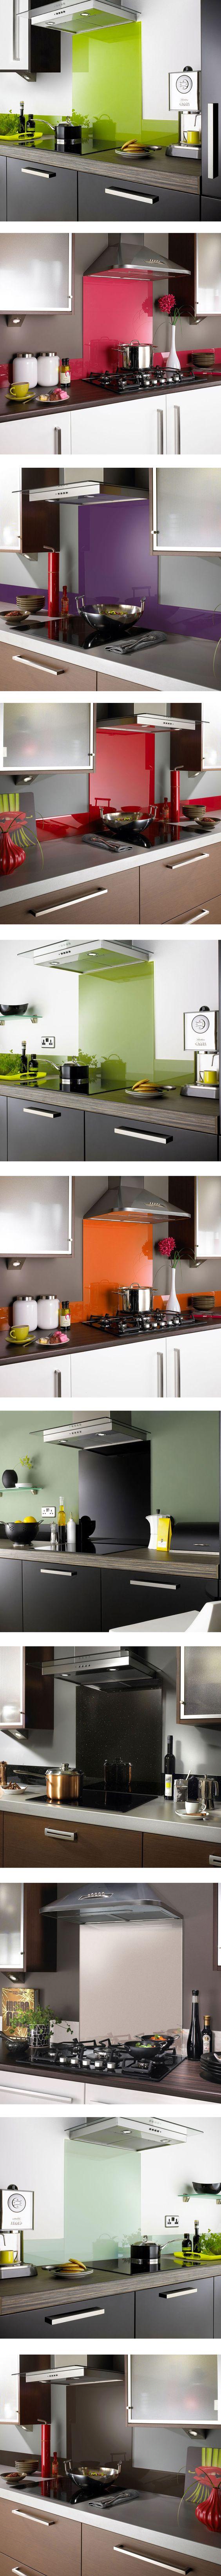 Splashbacks! linda ideia para sua cozinha ficar cheia de cor e aquele toque de elegância moderna